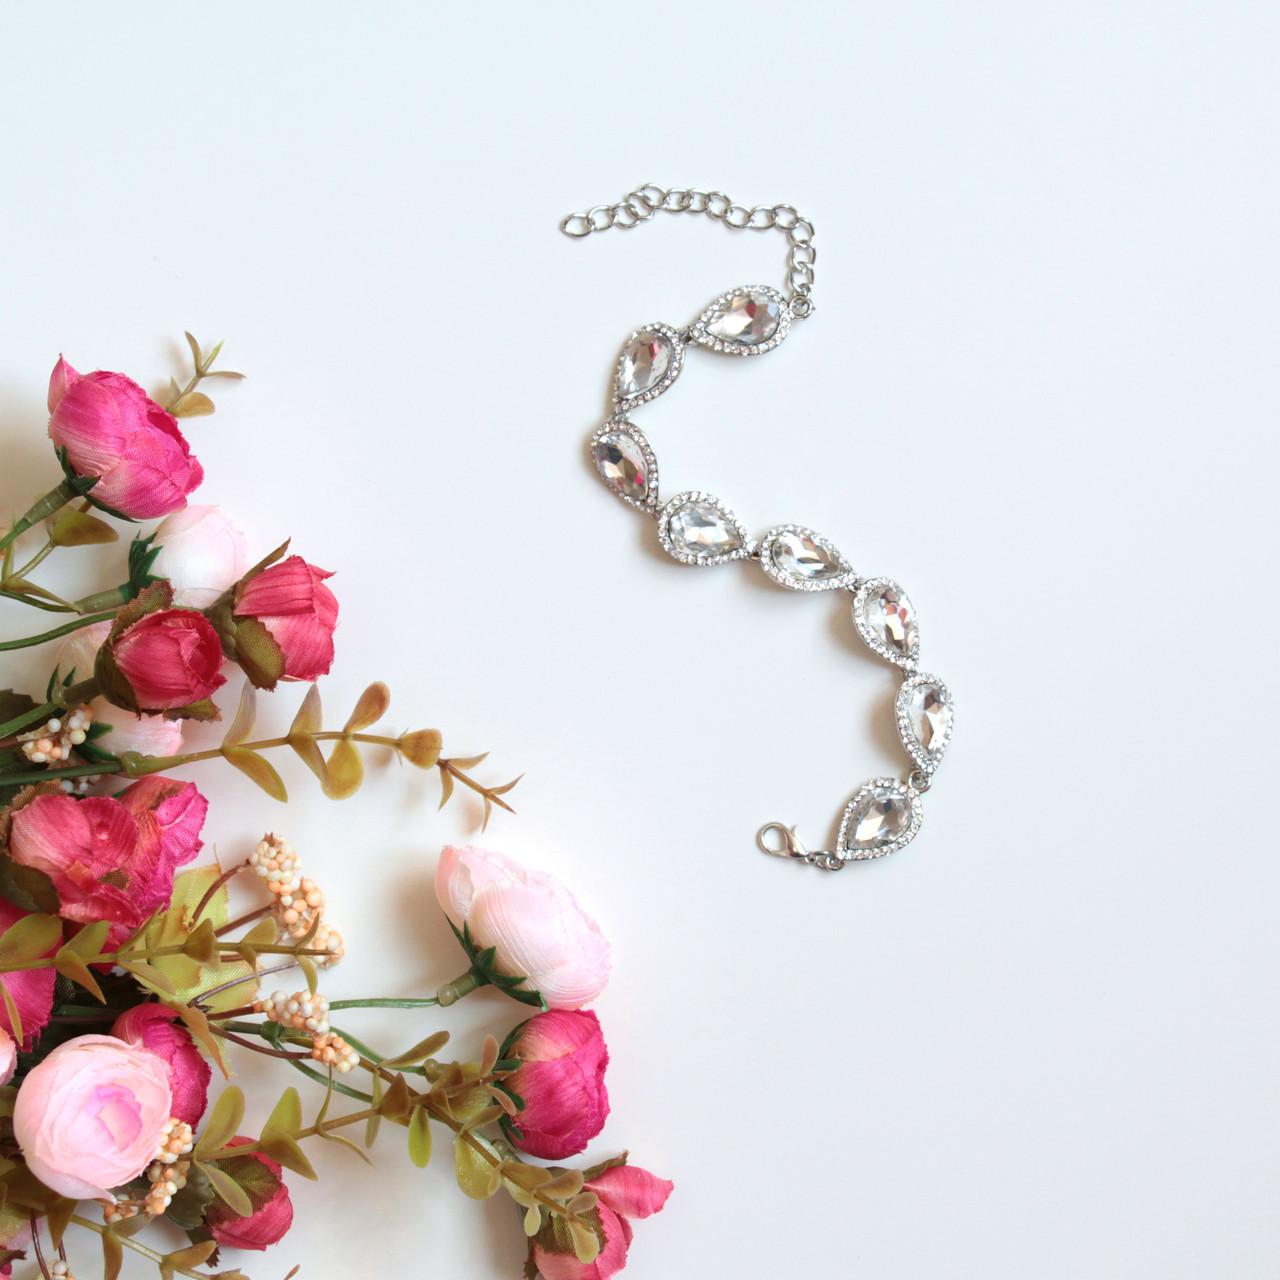 Купить женские браслеты на руку в интернет - магазине Omelita